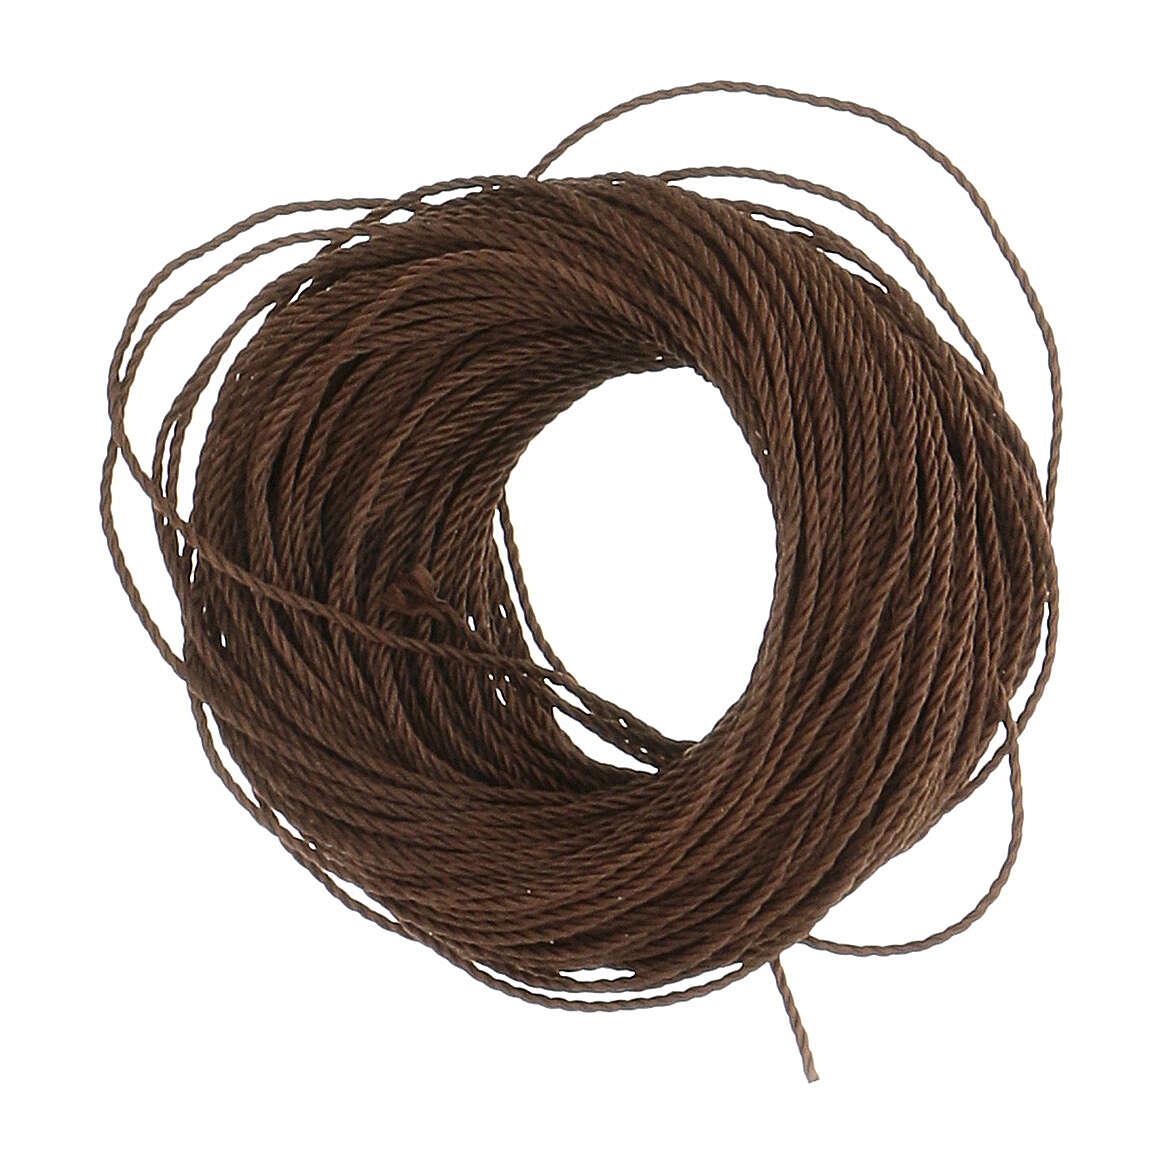 Corda castanha para montagem de terços (suficiente para 12 terços) 4